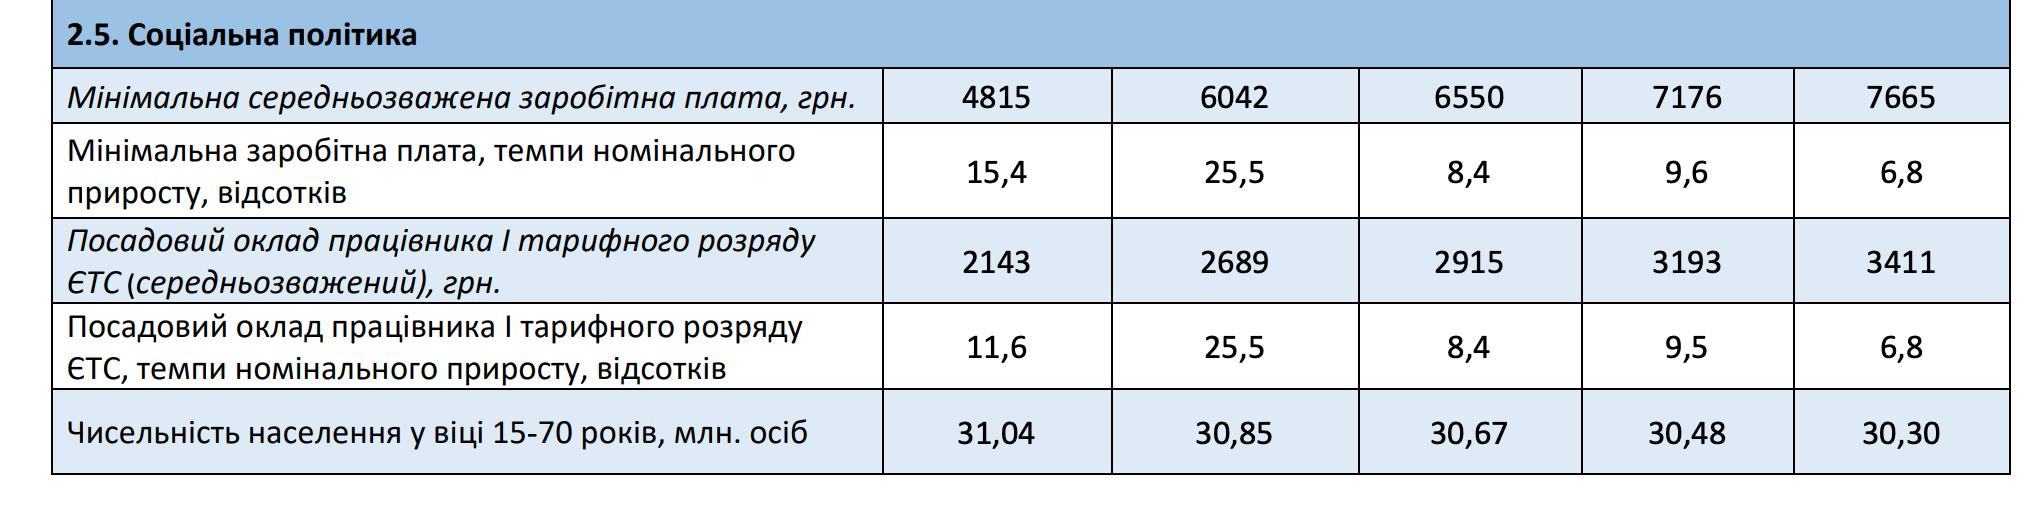 Минимальная зарплата в 2022 году вырастет до 6550 грн – прогноз Кабмина